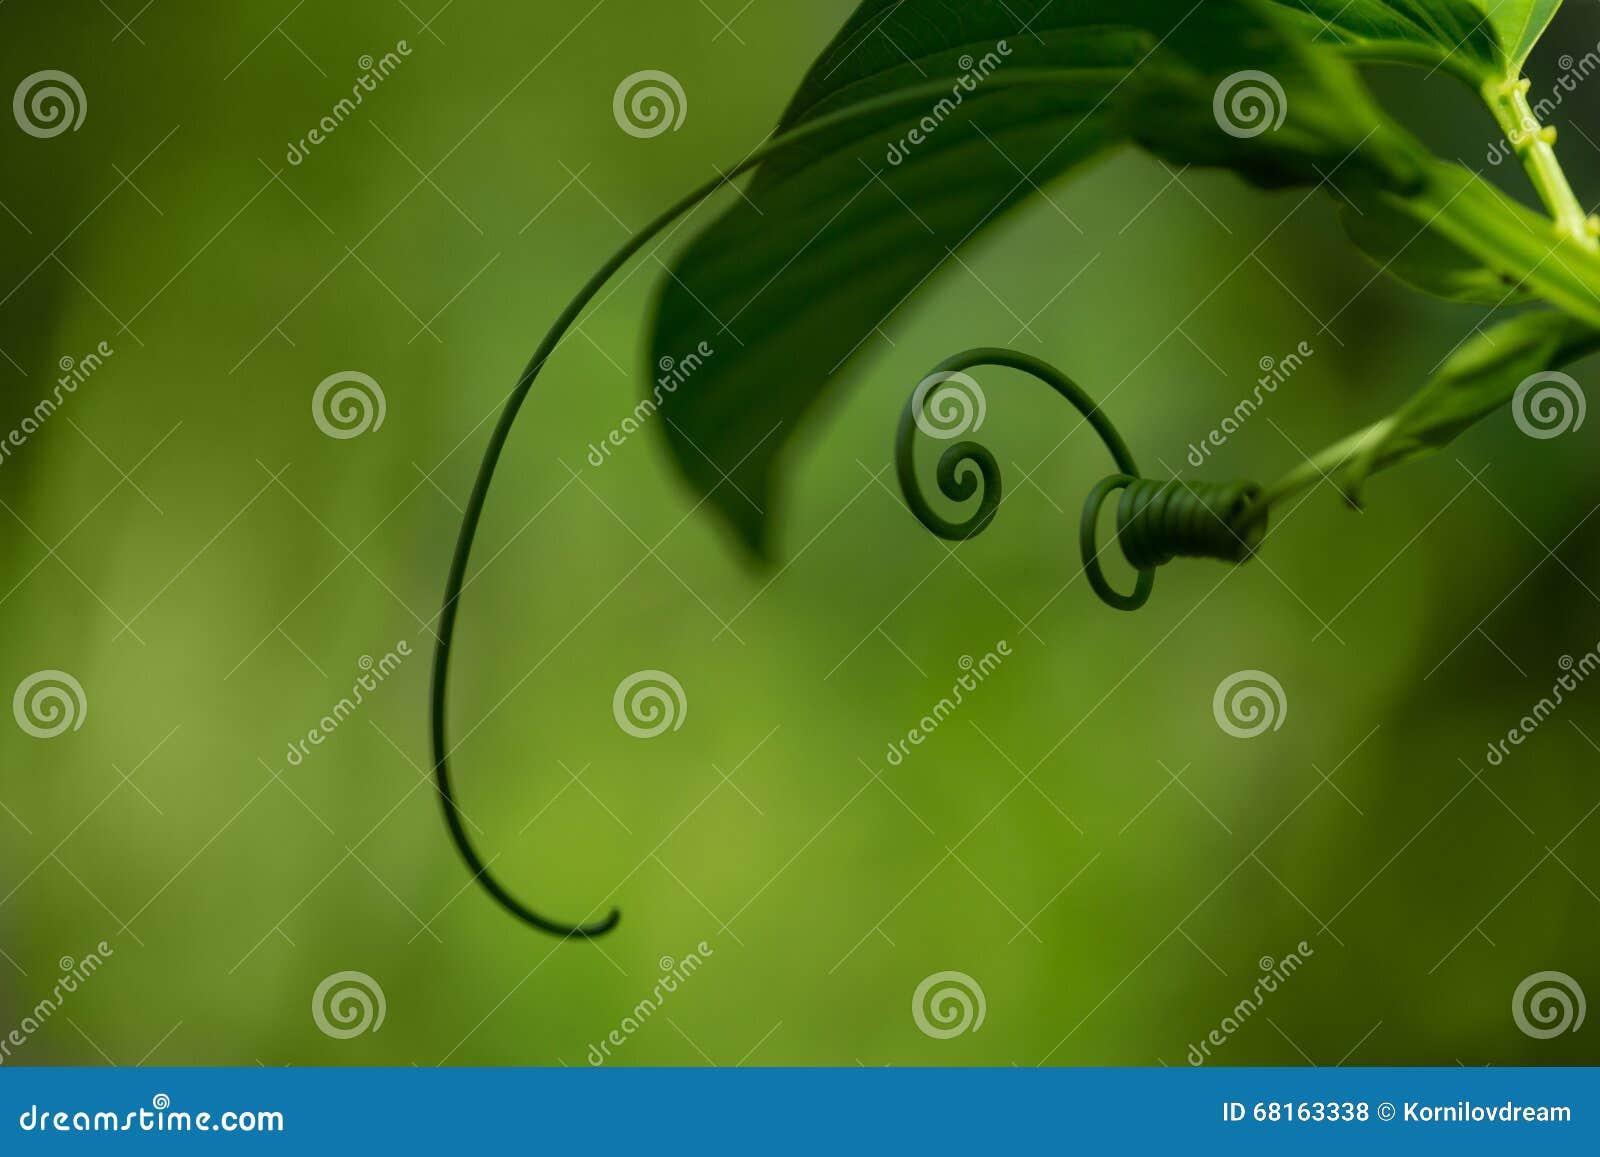 Spiraalvormig groen blad